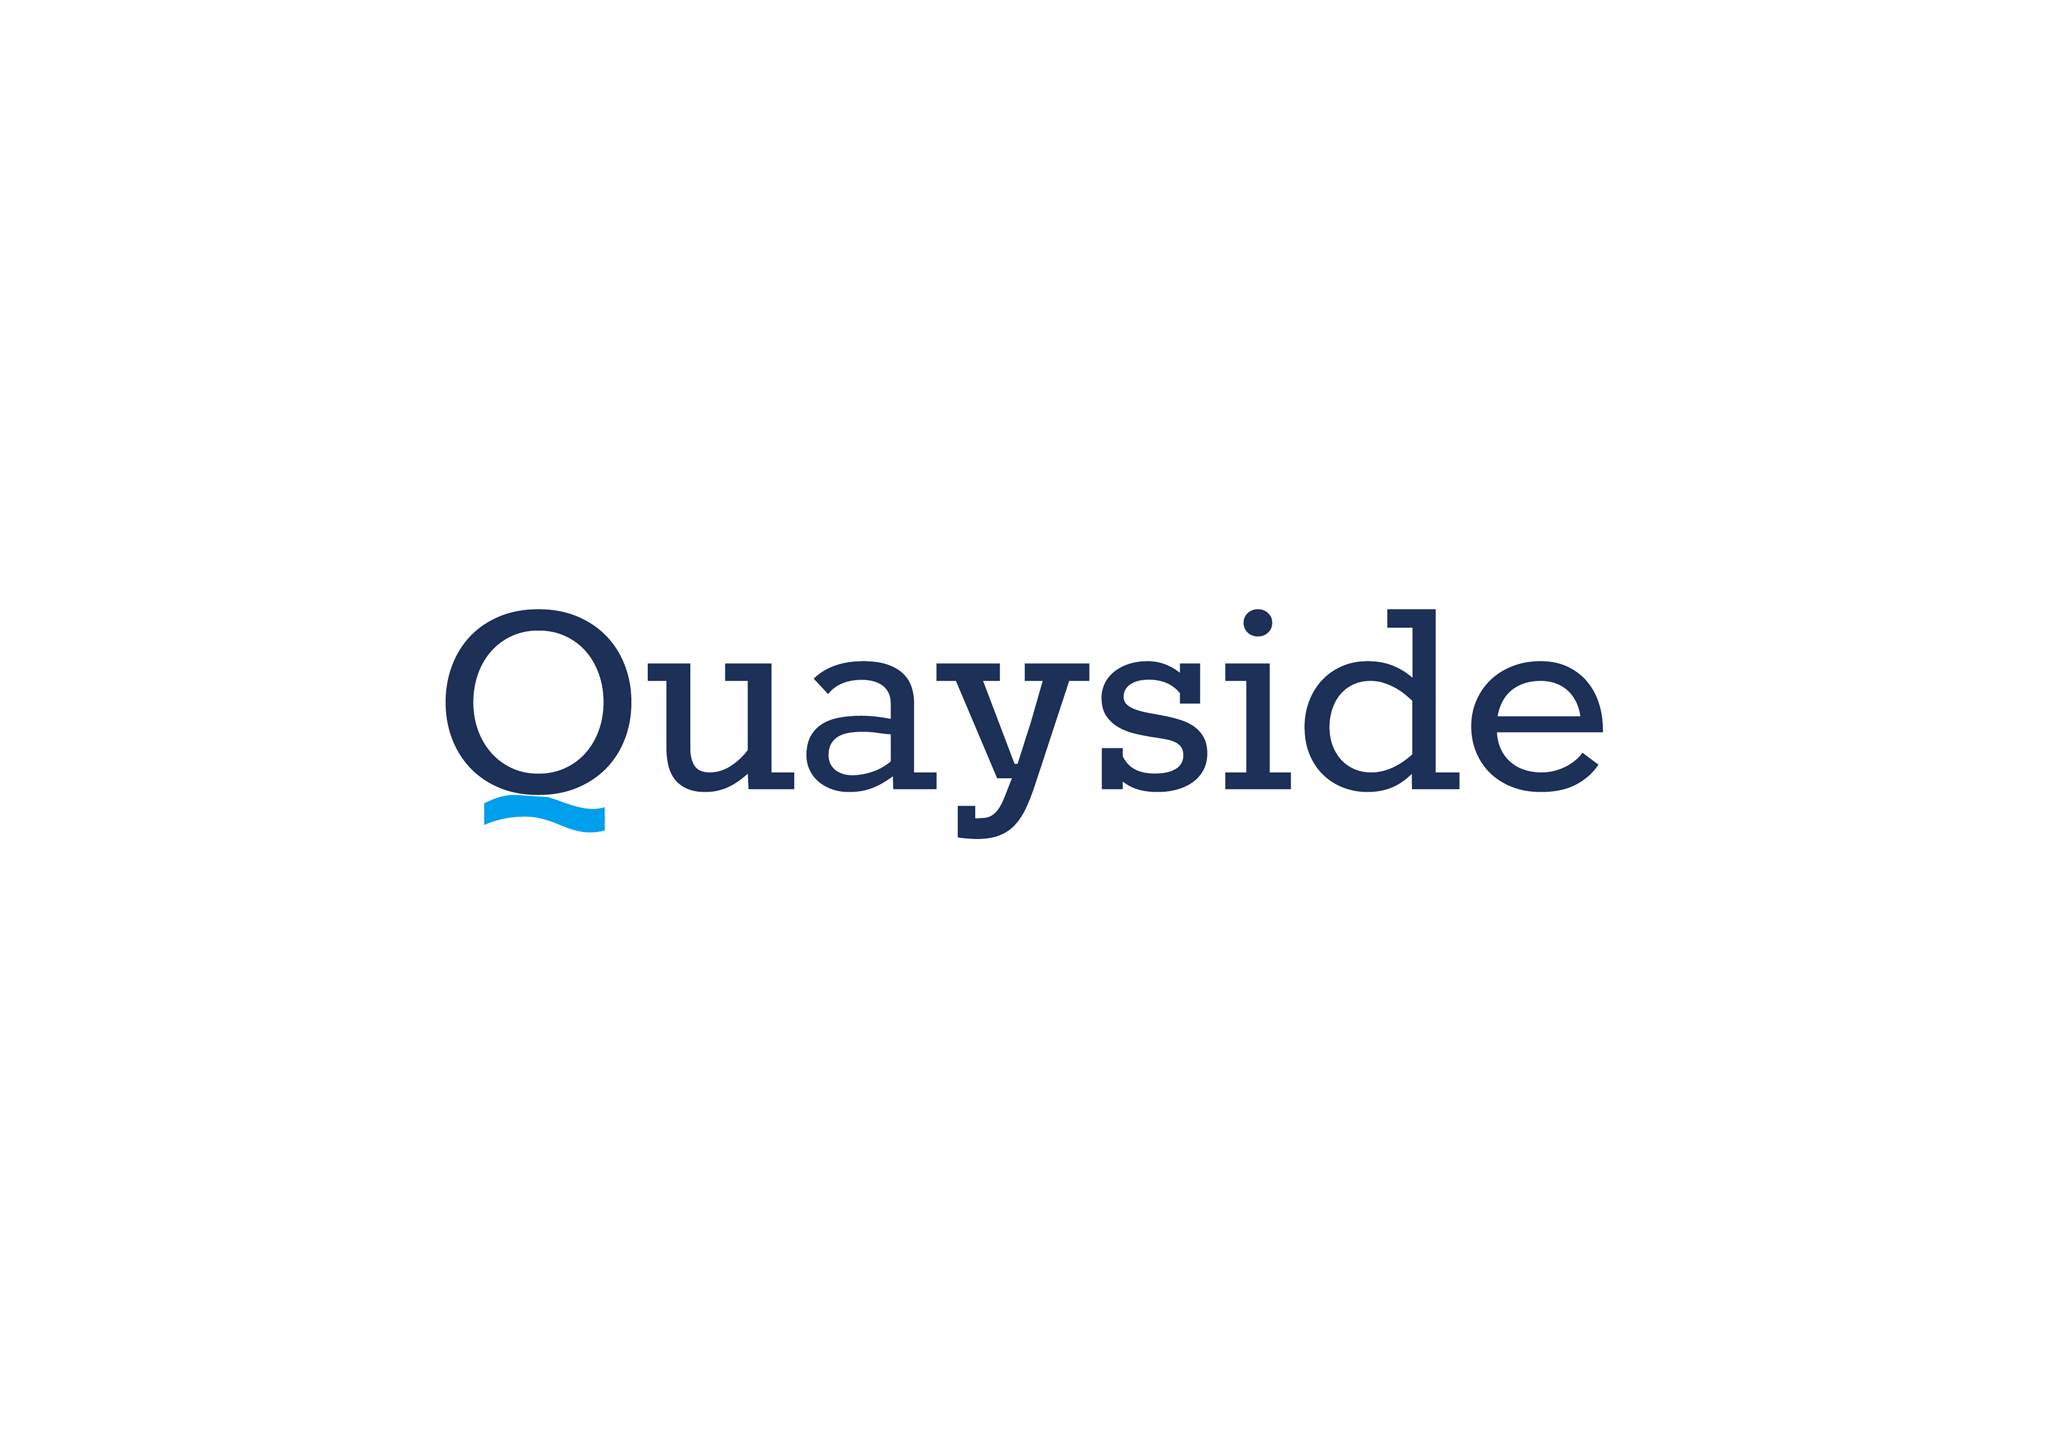 Logo Design For Quayside Apartment